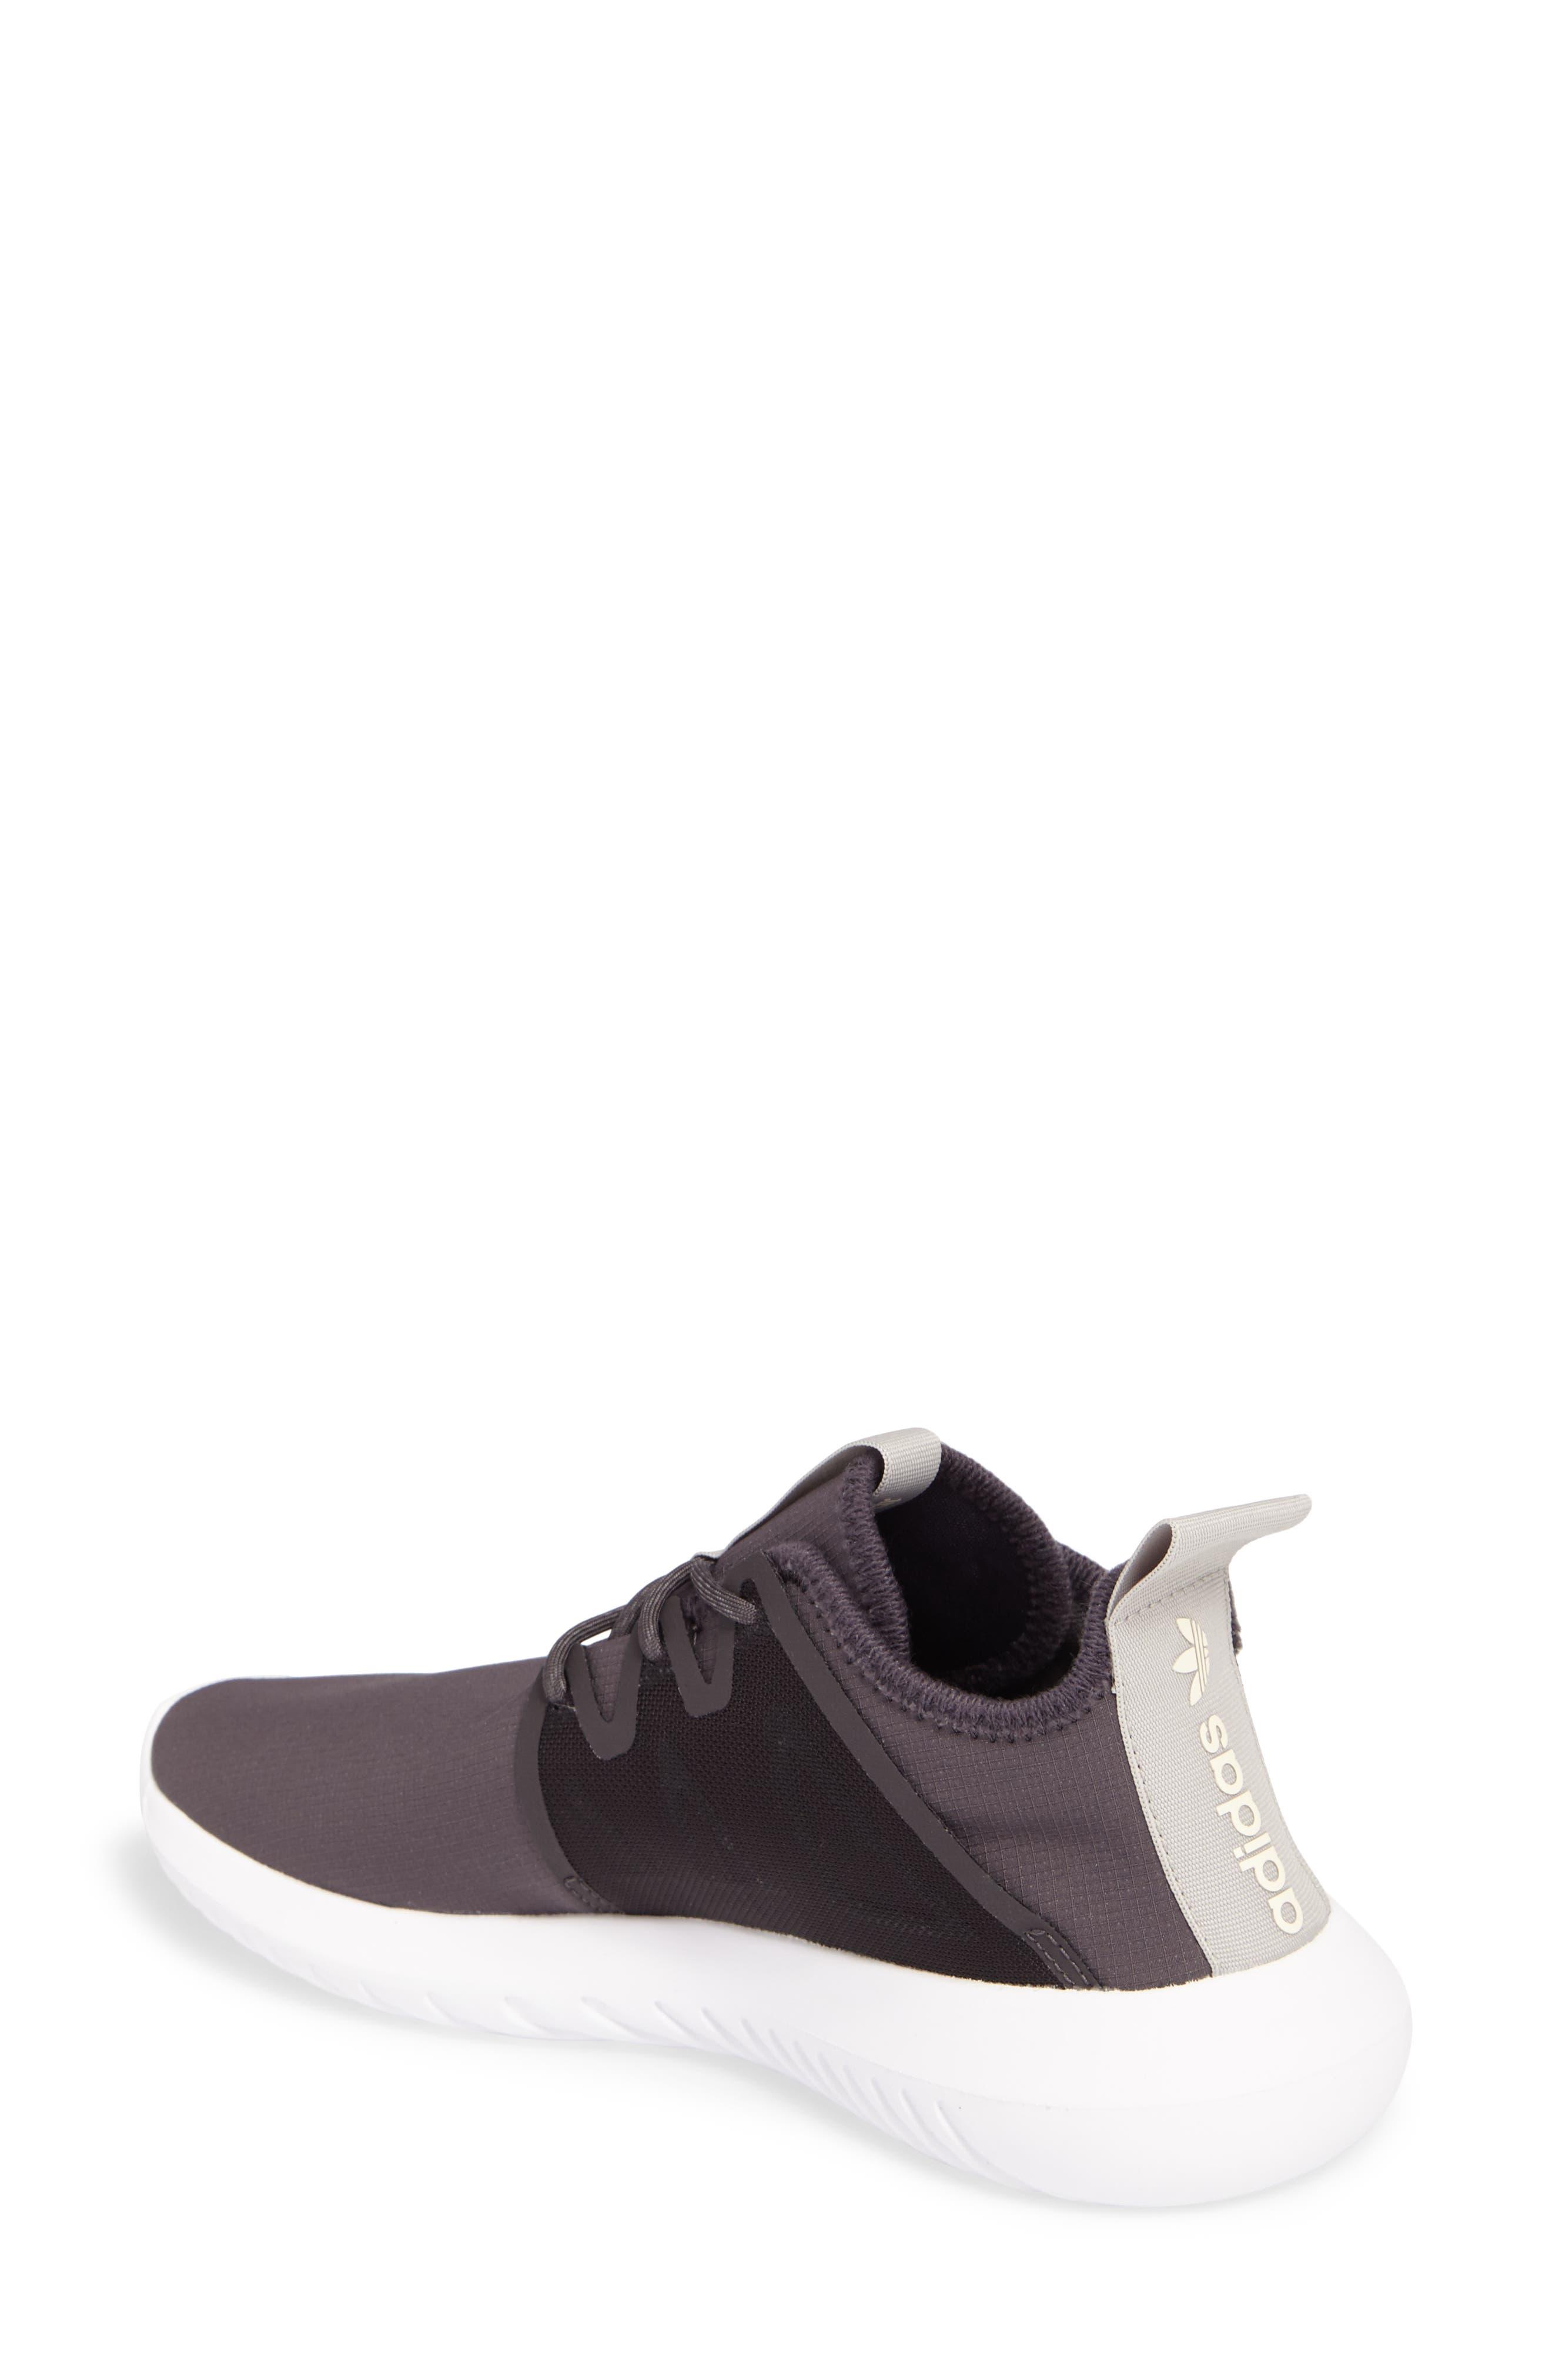 Tubular Viral 2 Sneaker,                             Alternate thumbnail 3, color,                             Utility Black/ White